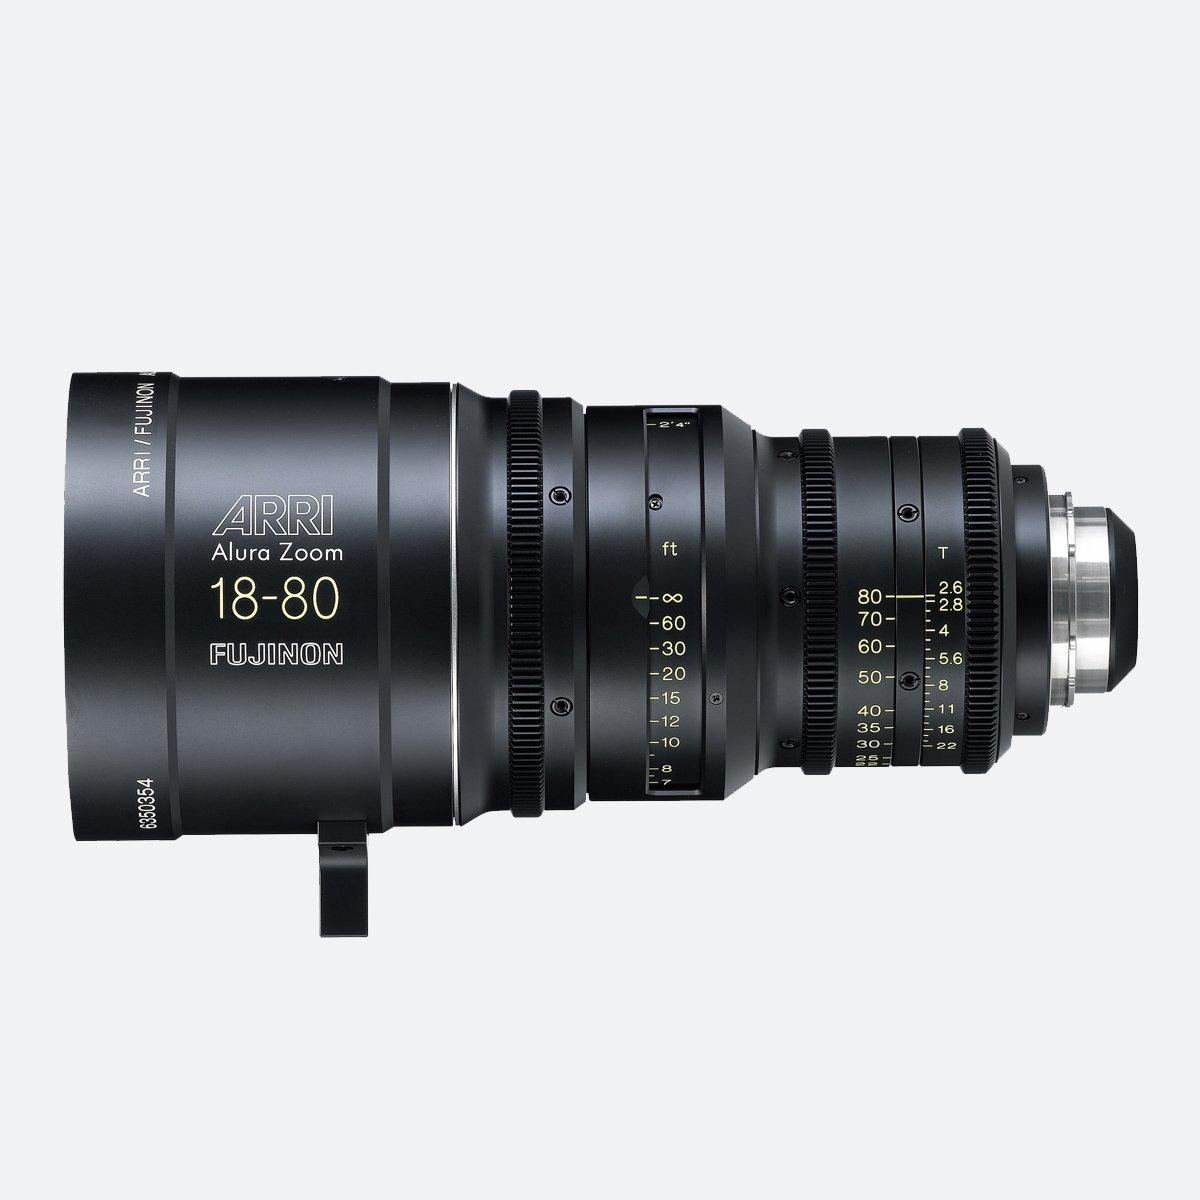 ARRI Alura 18-80mm T2.6 Studio Zoom Lens